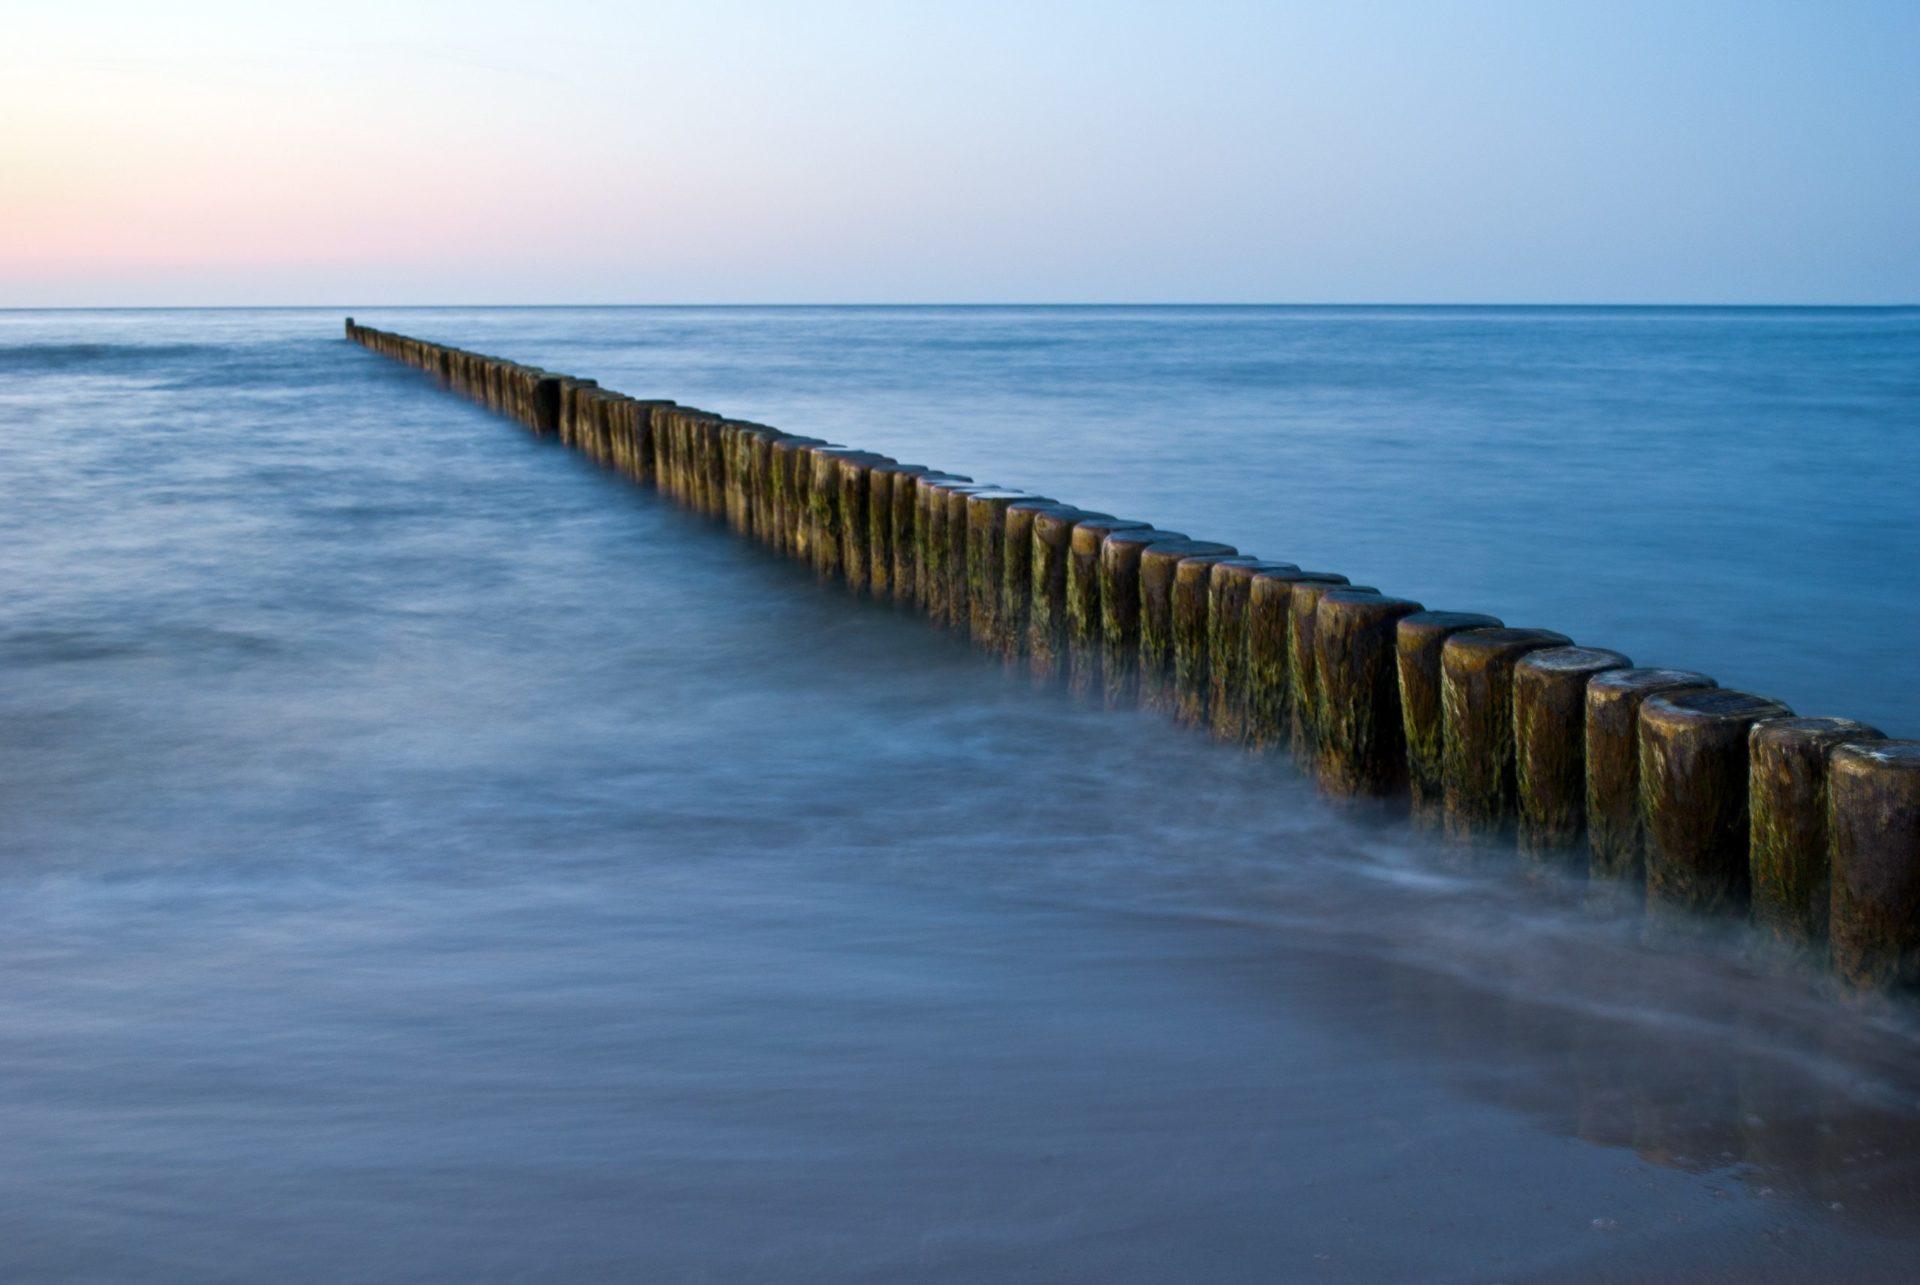 Wassertemperatur Ostsee: Buhnen, die ins Meer verlaufen